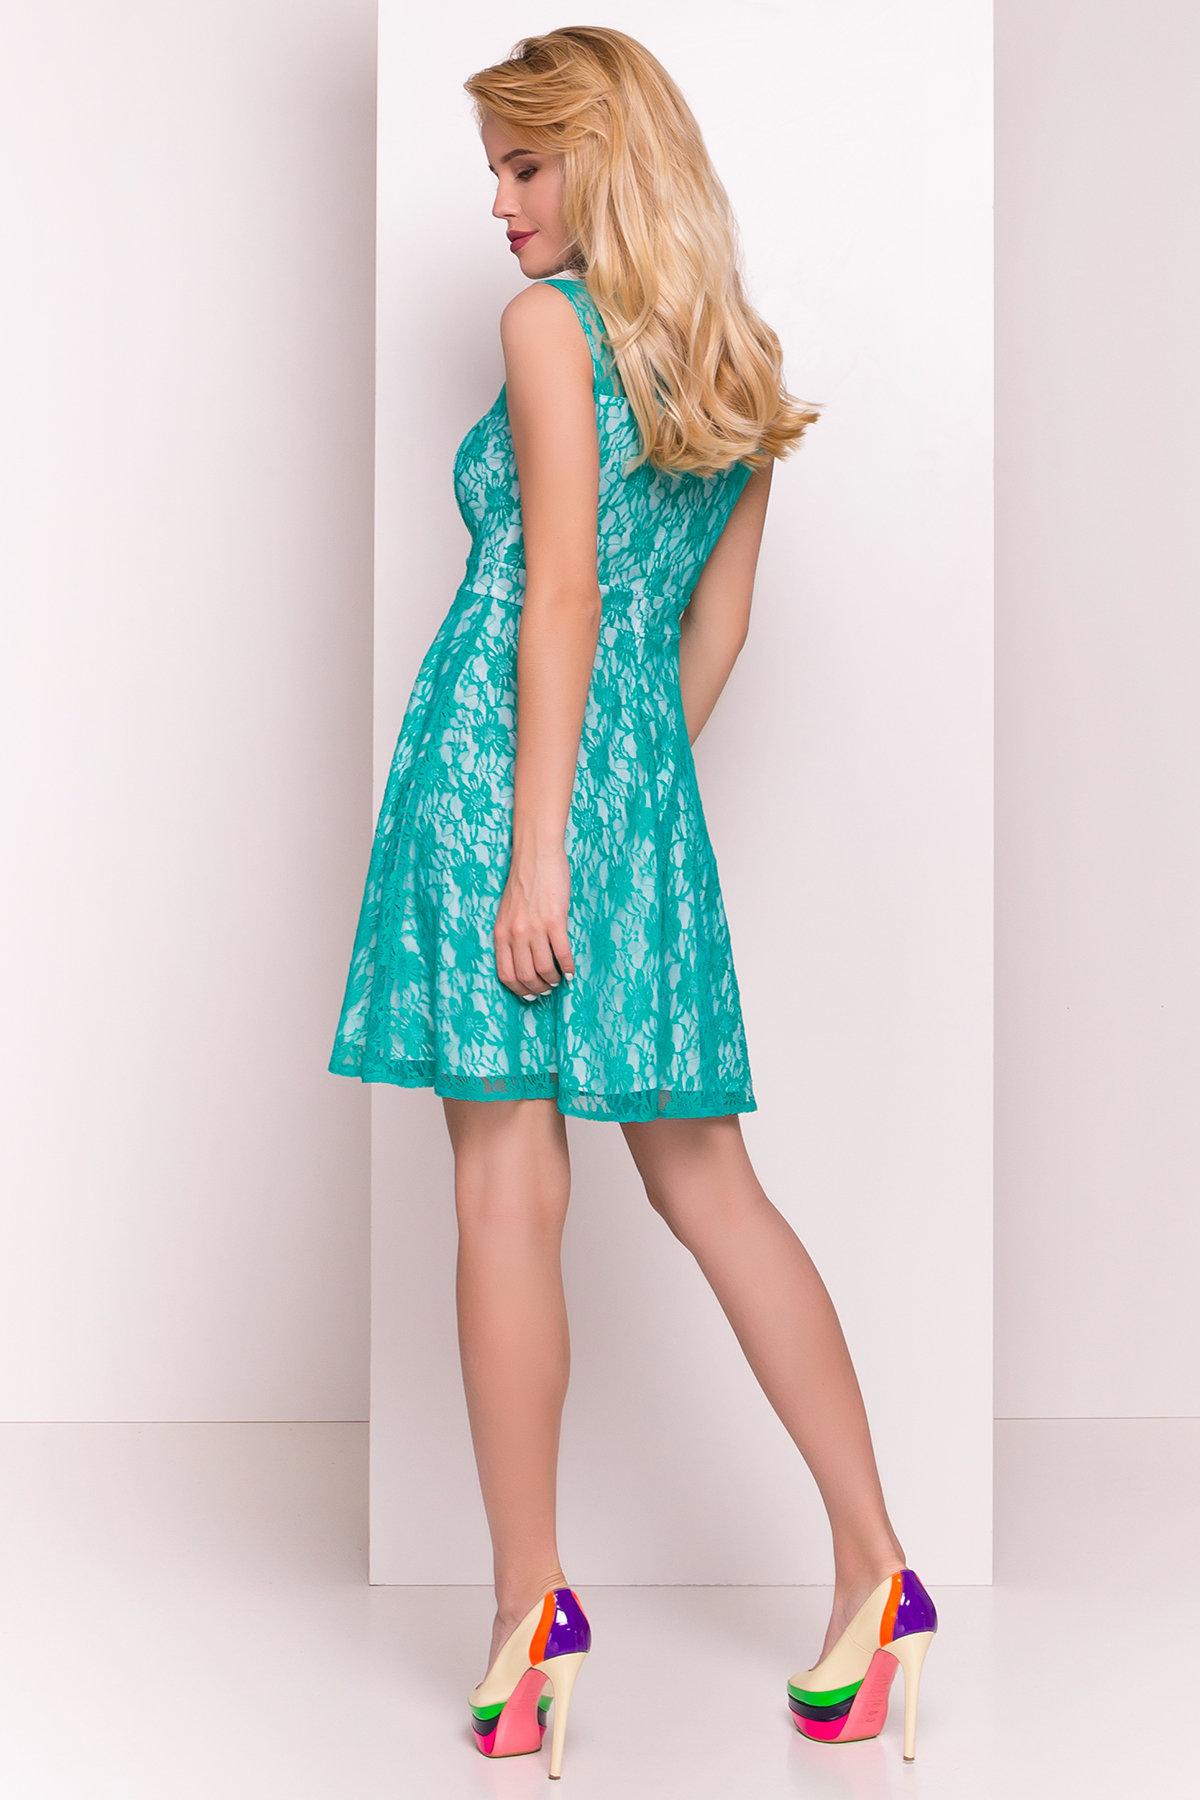 TW Платье Ермия 4989 Цвет: Бирюза